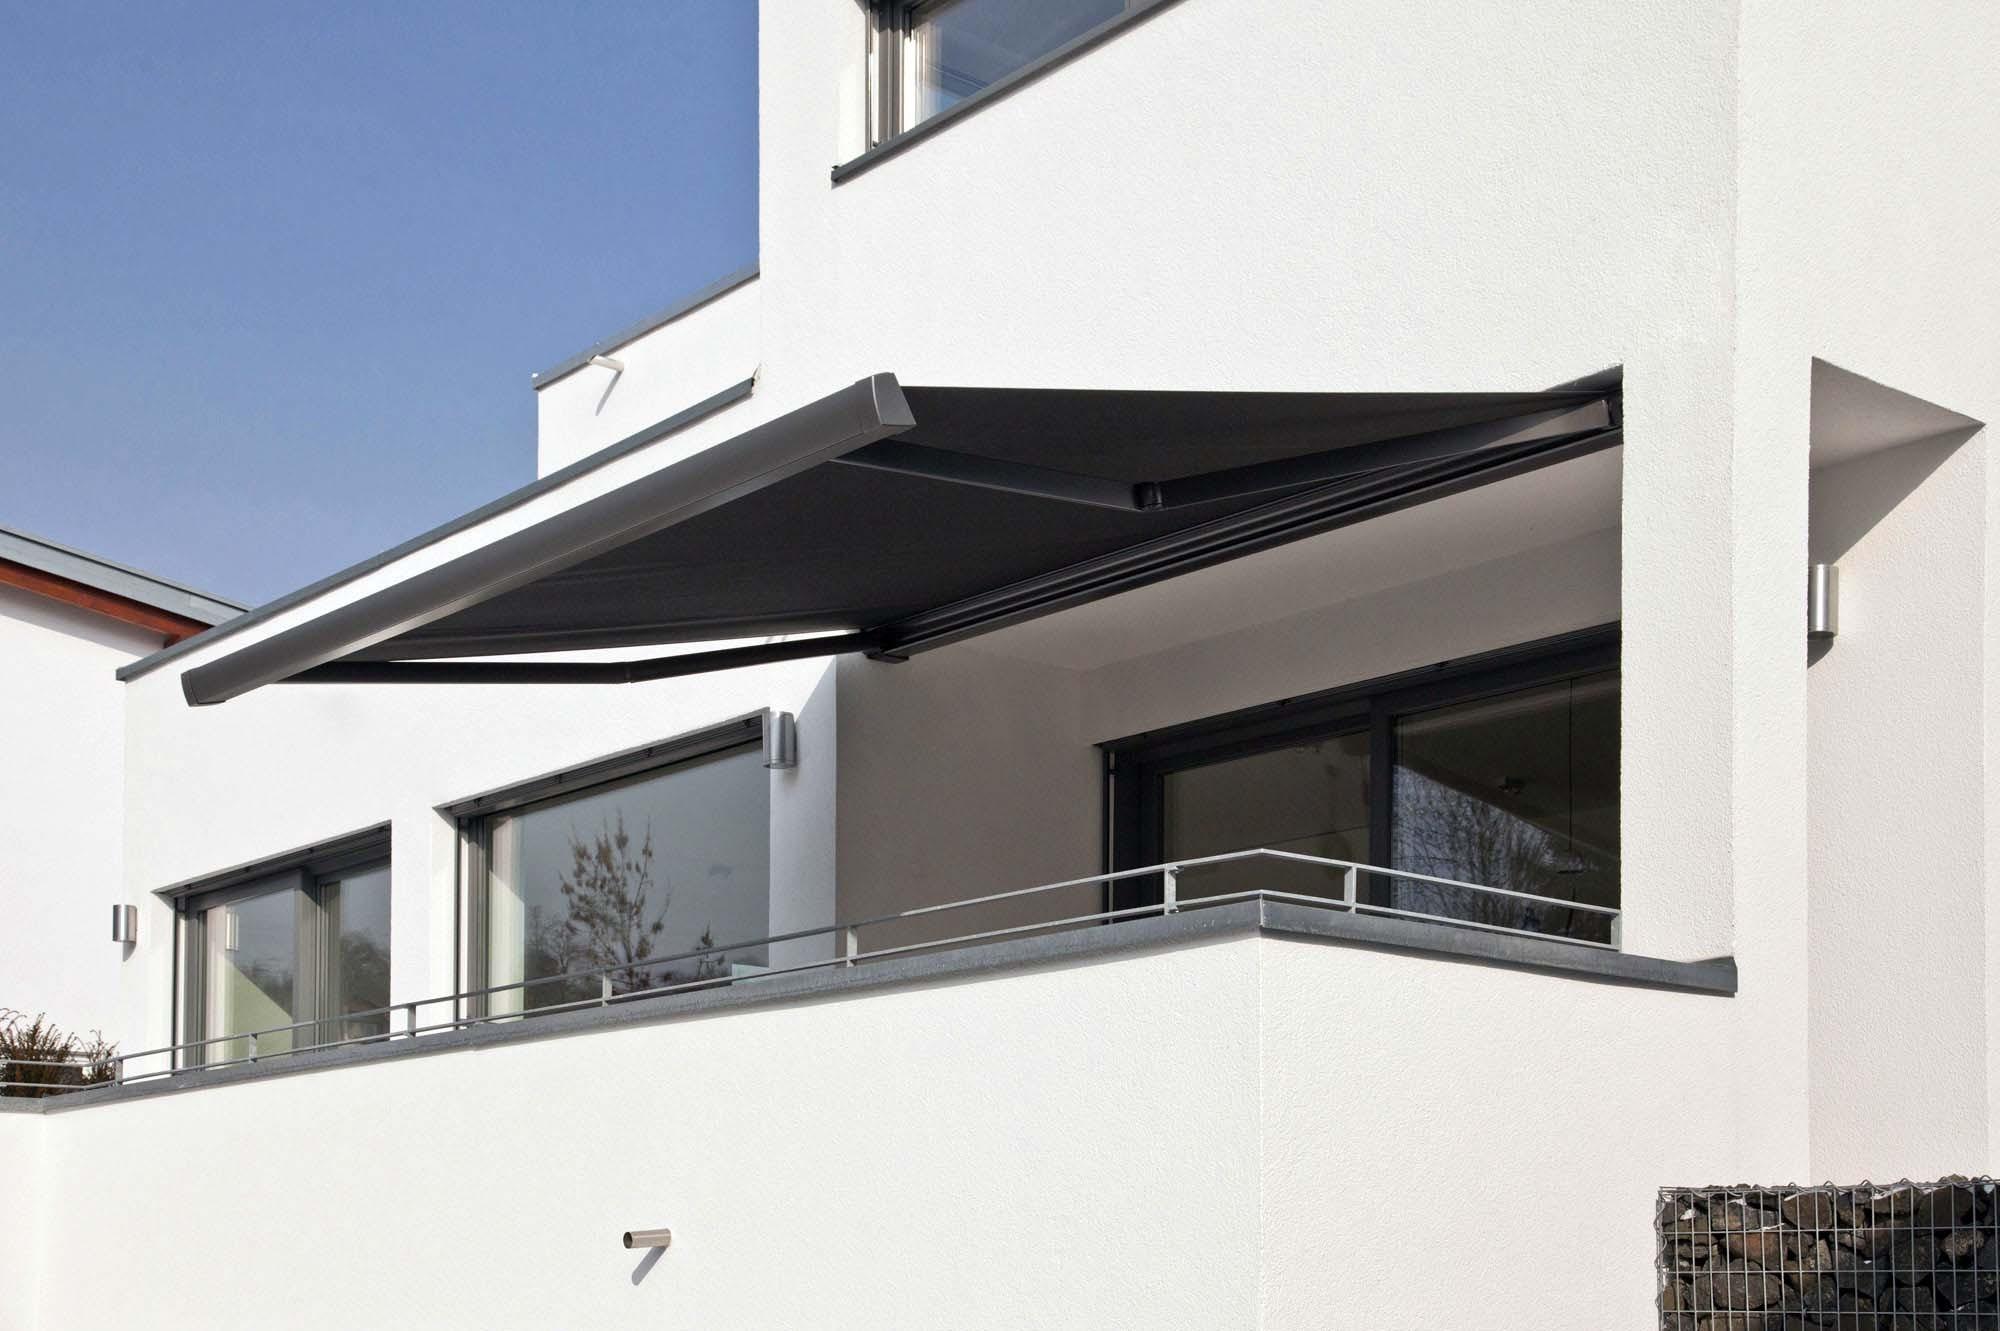 markisoletten ausstellmarkisen sonnenschutz markisen. Black Bedroom Furniture Sets. Home Design Ideas